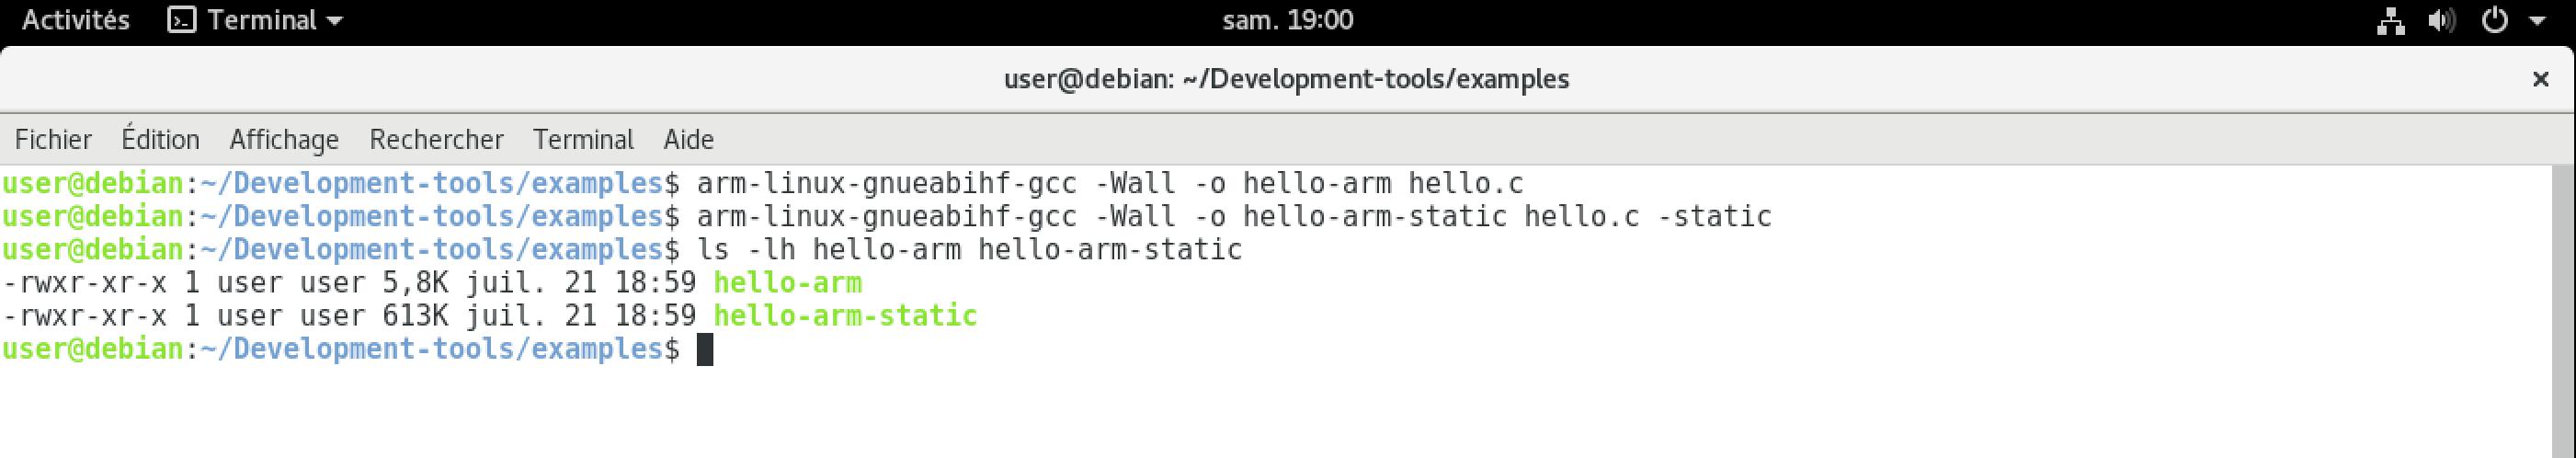 Comparaison de la taille de hello-arm et hello-arm-static